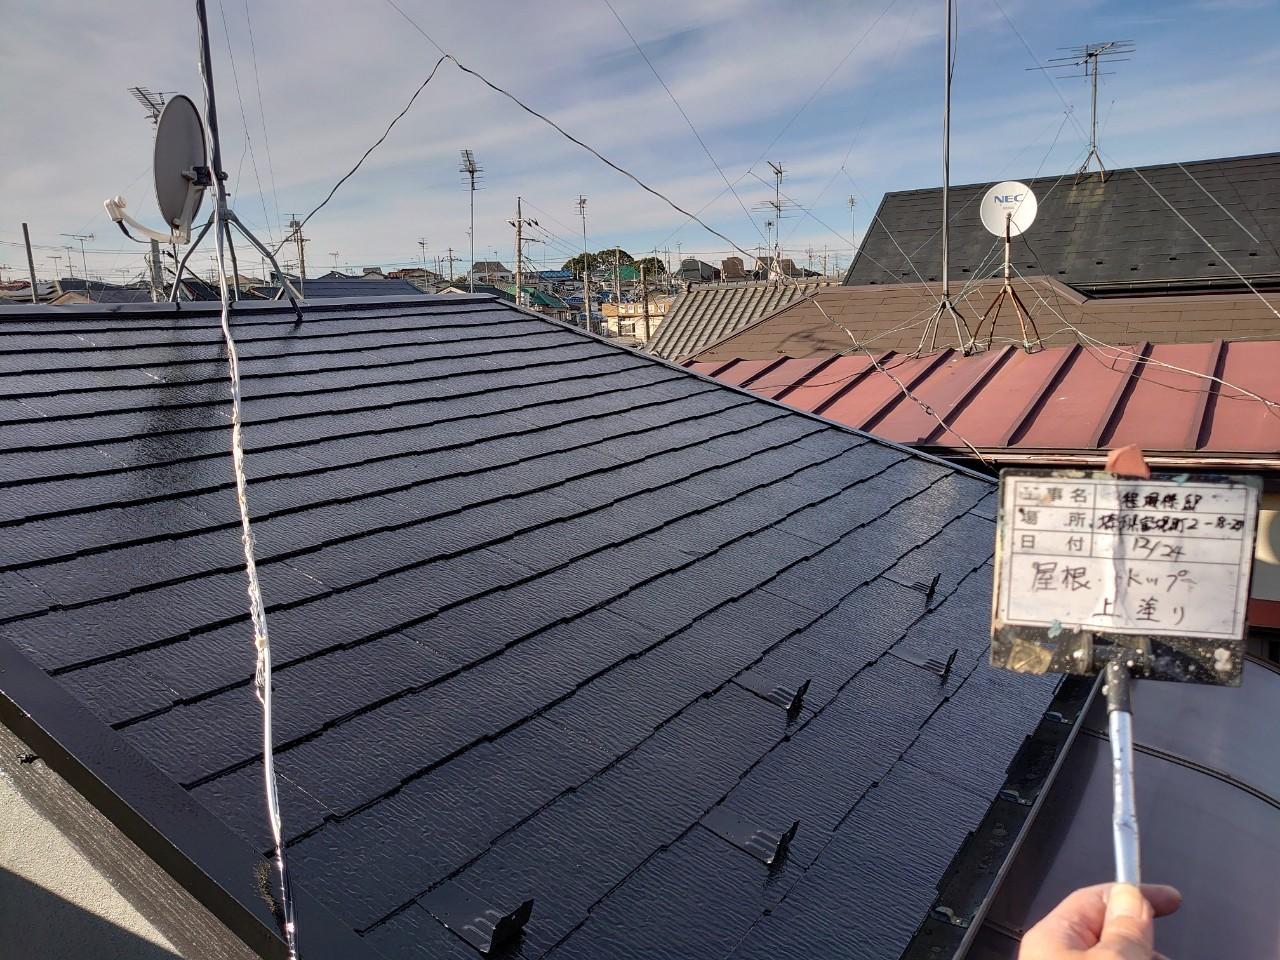 【施工完了報告!】地震保険の使い方知っていますか?埼玉県新座市にて屋根&付帯部塗装!